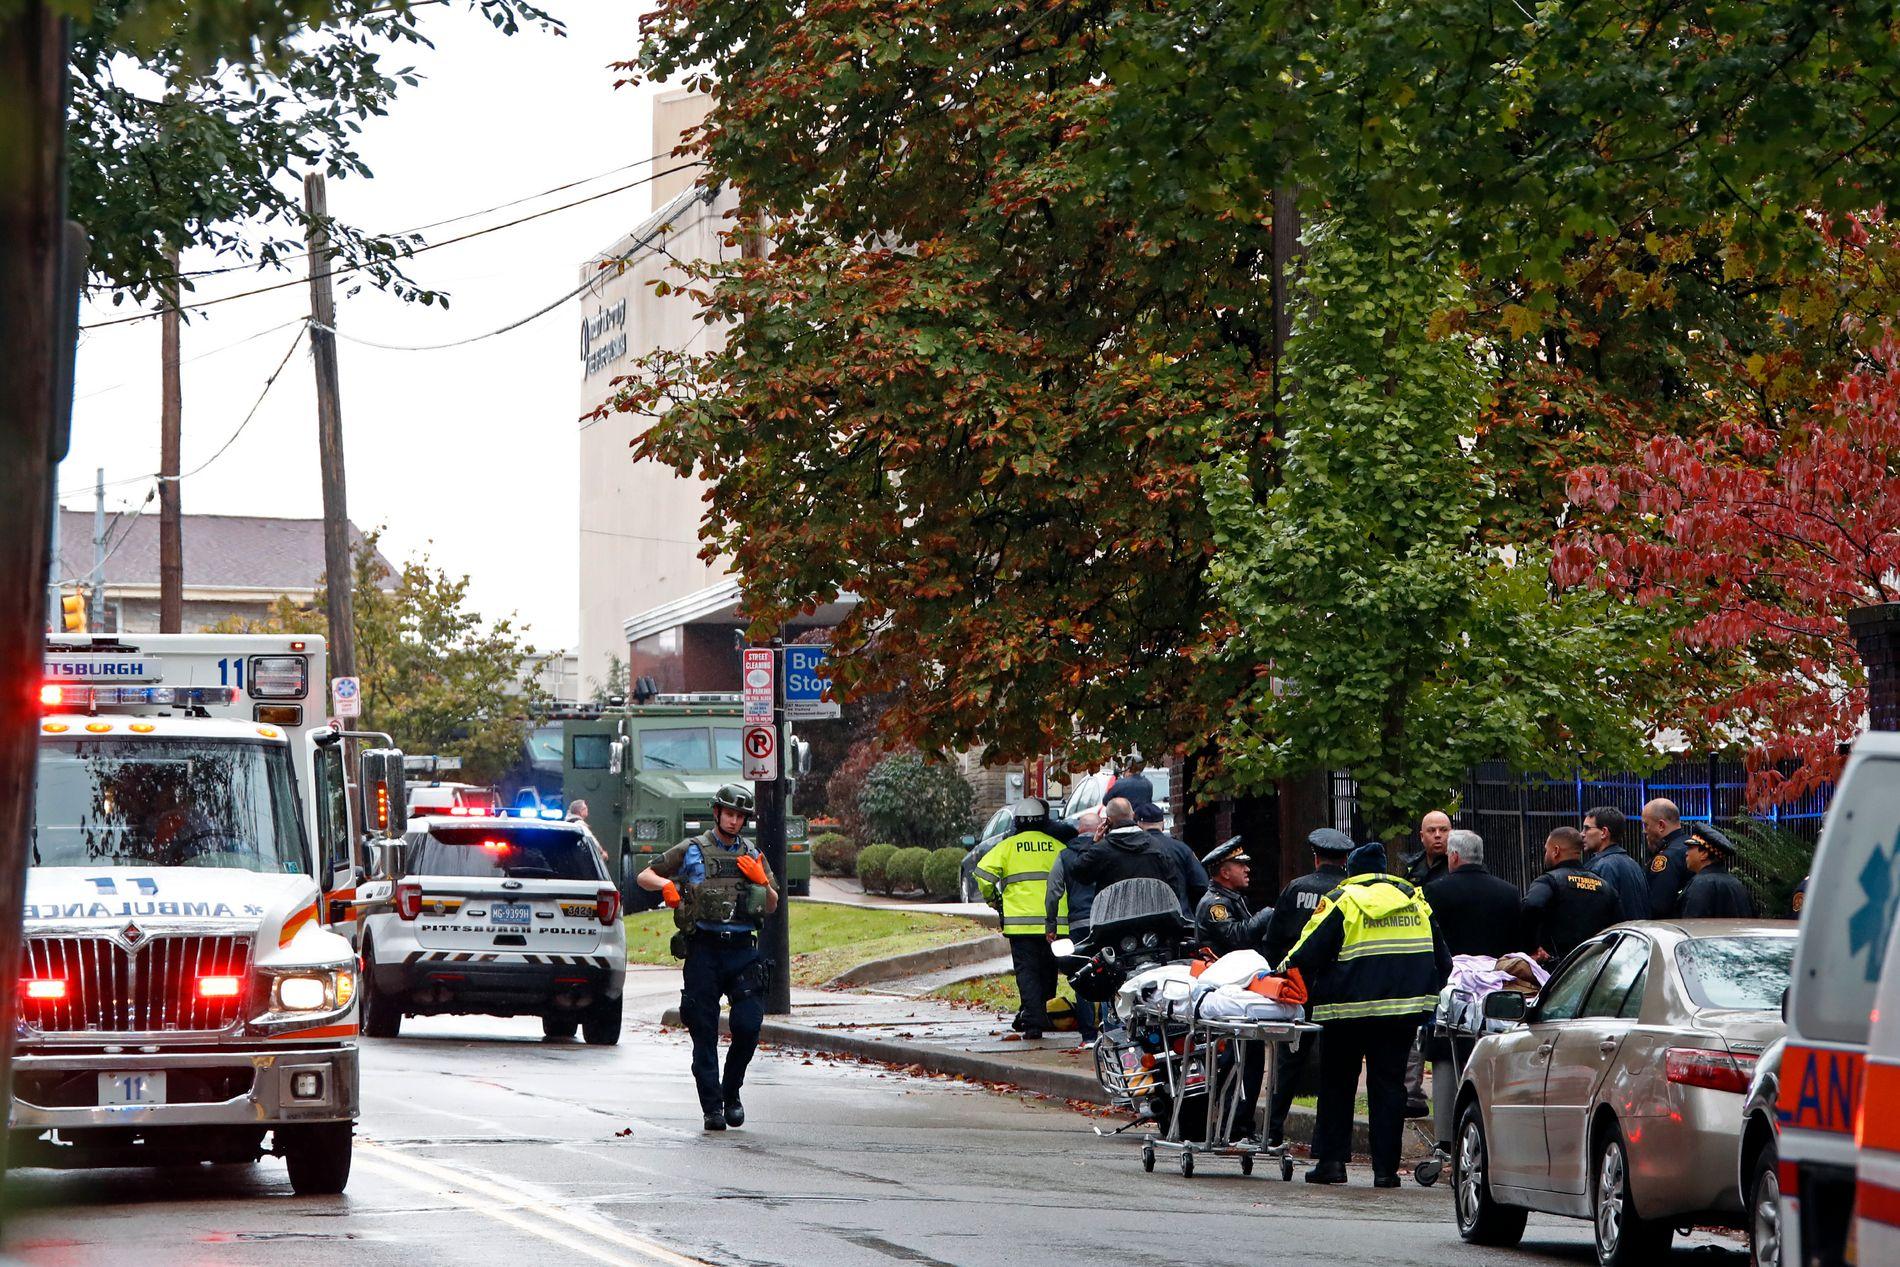 DØDE OG SÅREDE: Flere er drept og såret etter at en mann begynte å skyte inne i Tree of Life-synagogen lørdag morgen.